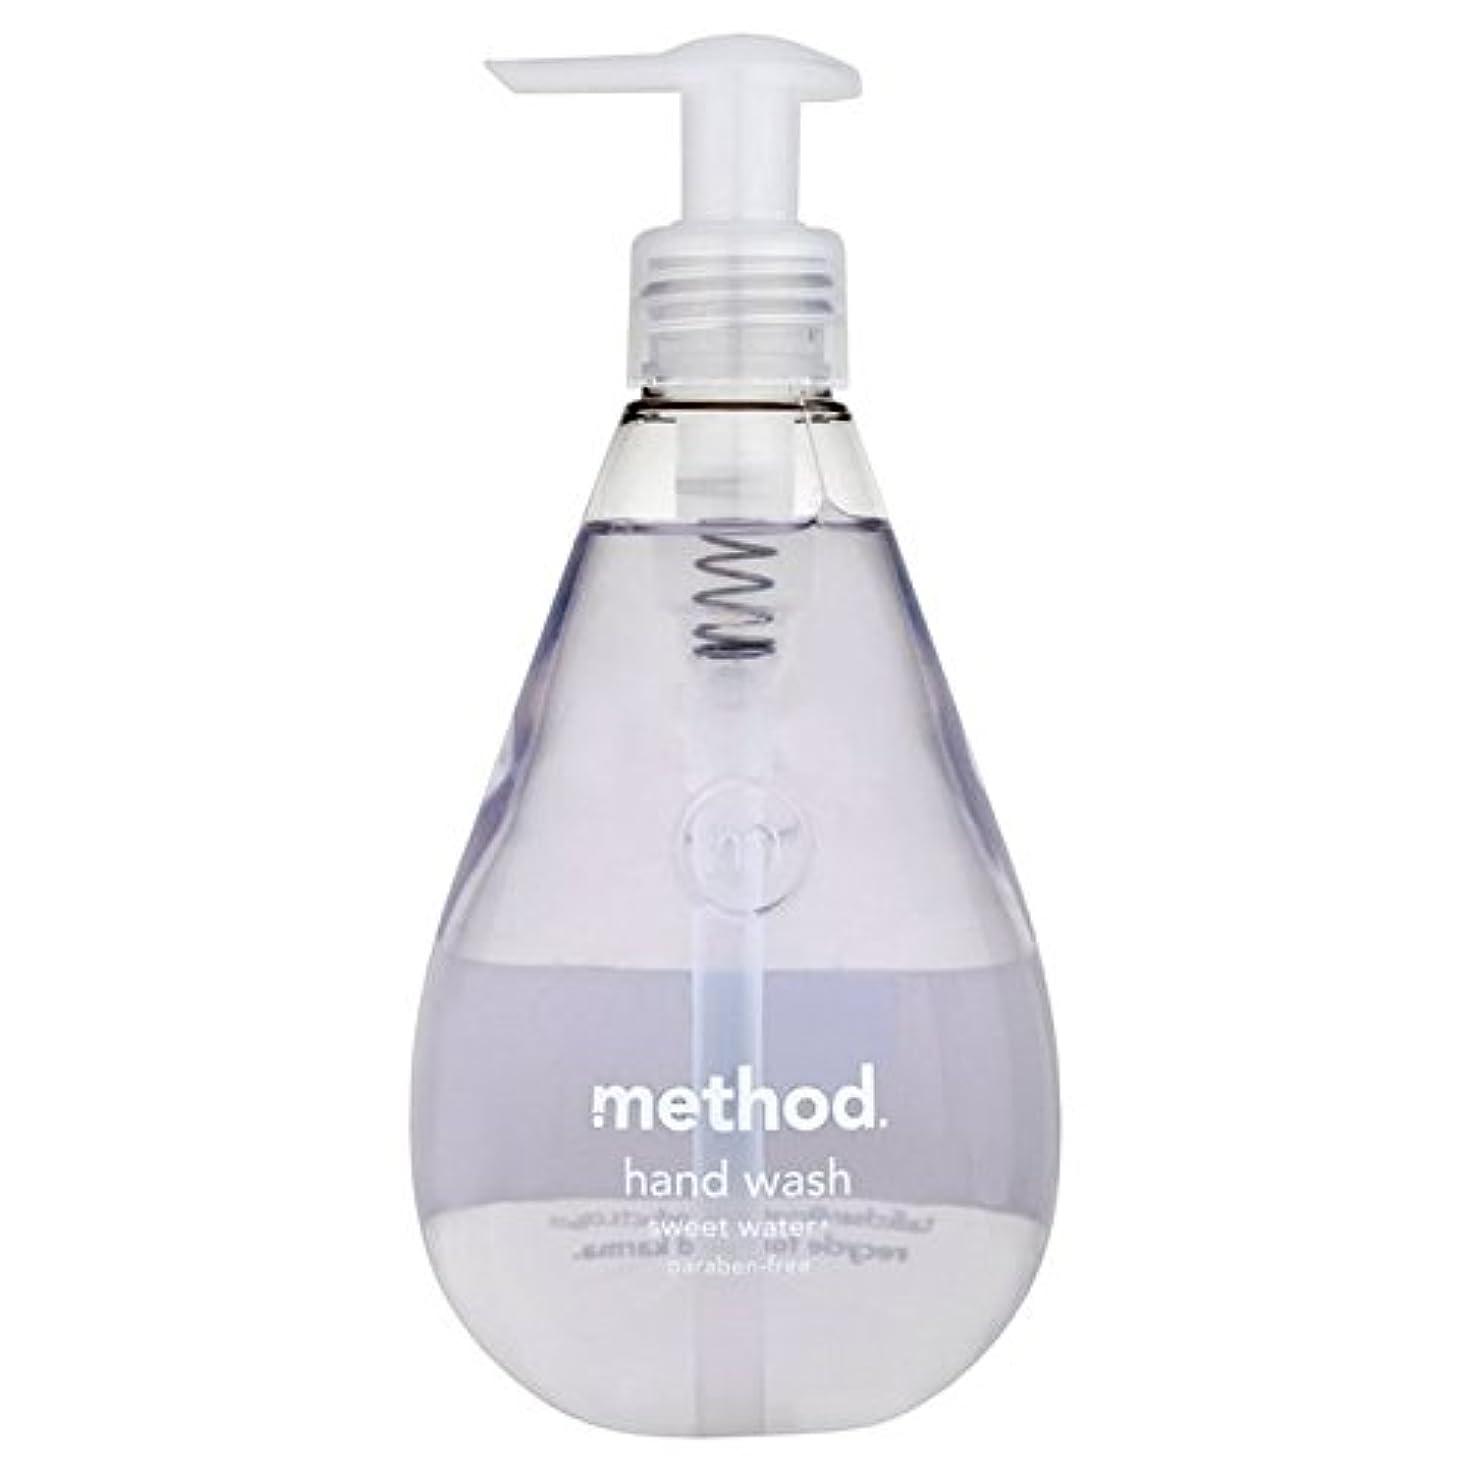 メタンあなたのもののメソッドの甘い水の354ミリリットル x2 - Method Sweet Water Handsoap 354ml (Pack of 2) [並行輸入品]